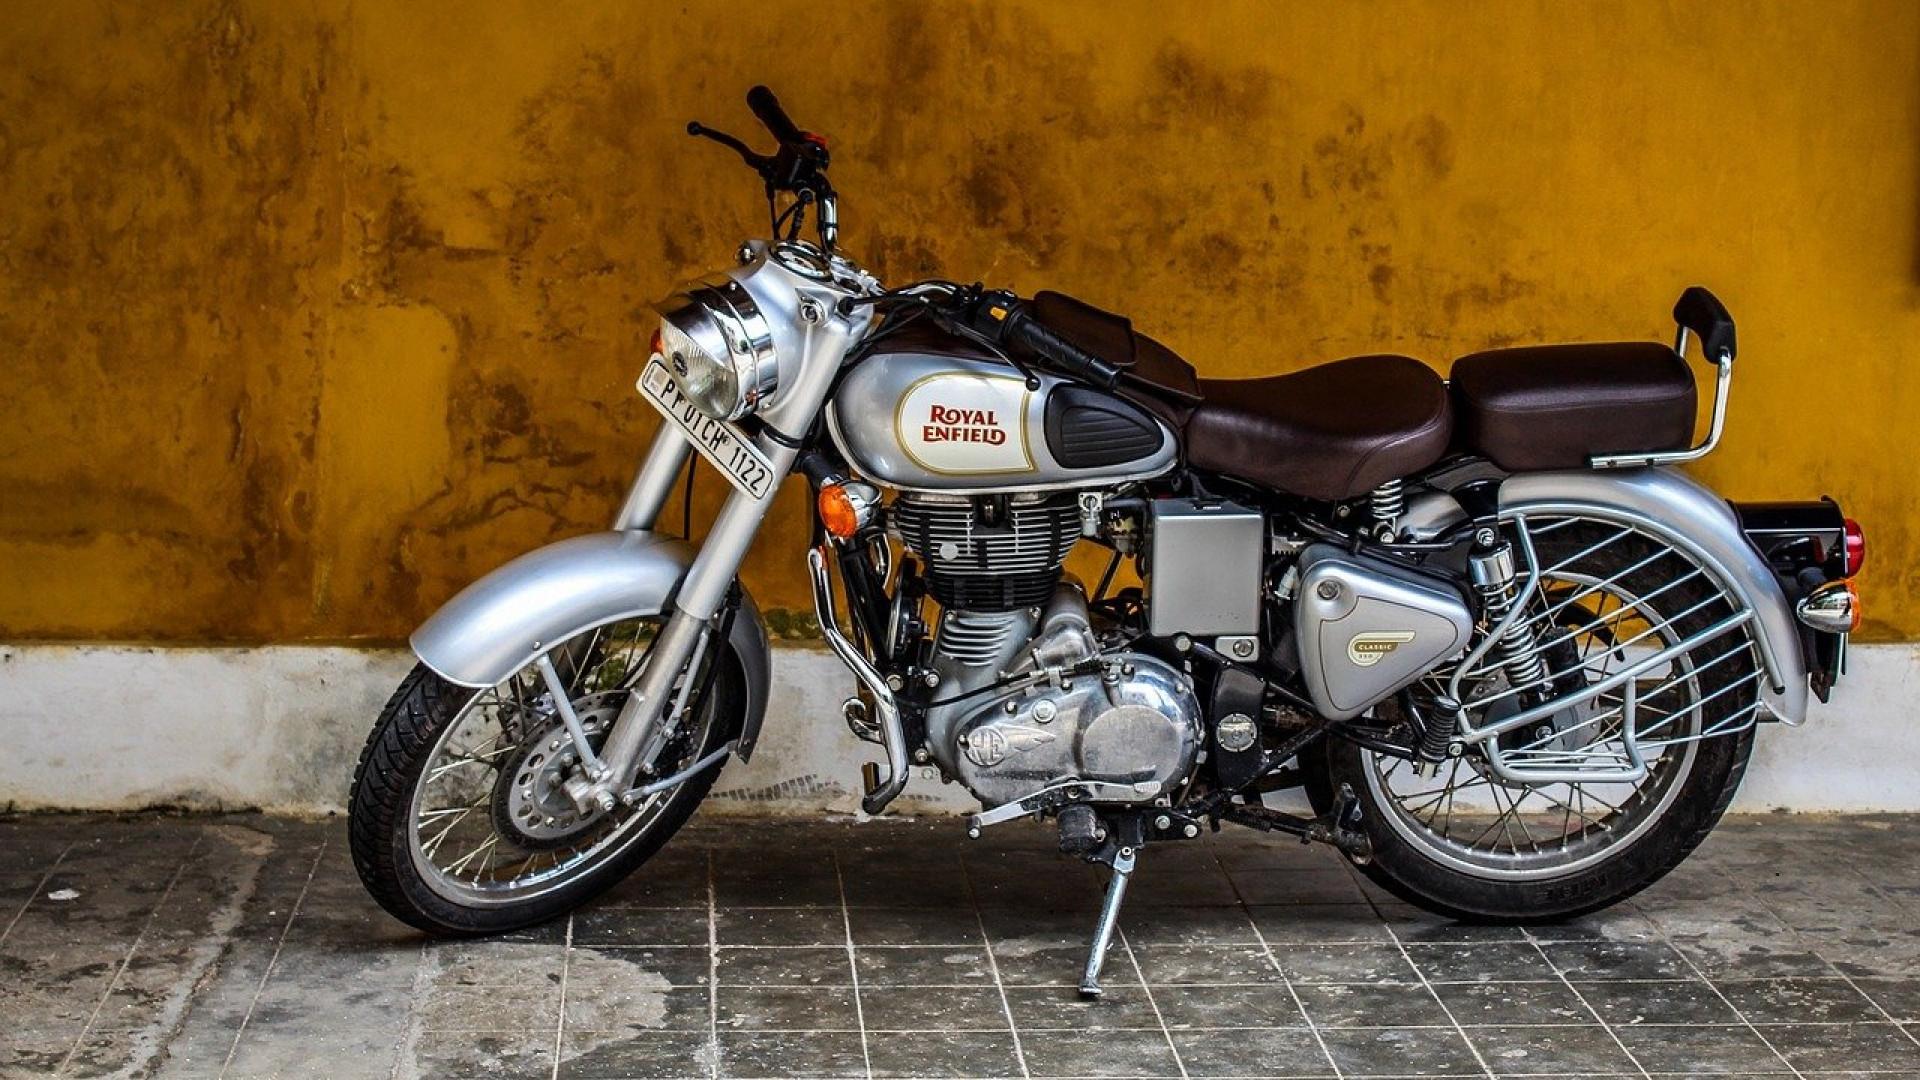 image Utiliser des sacoches à l'arrière de la moto